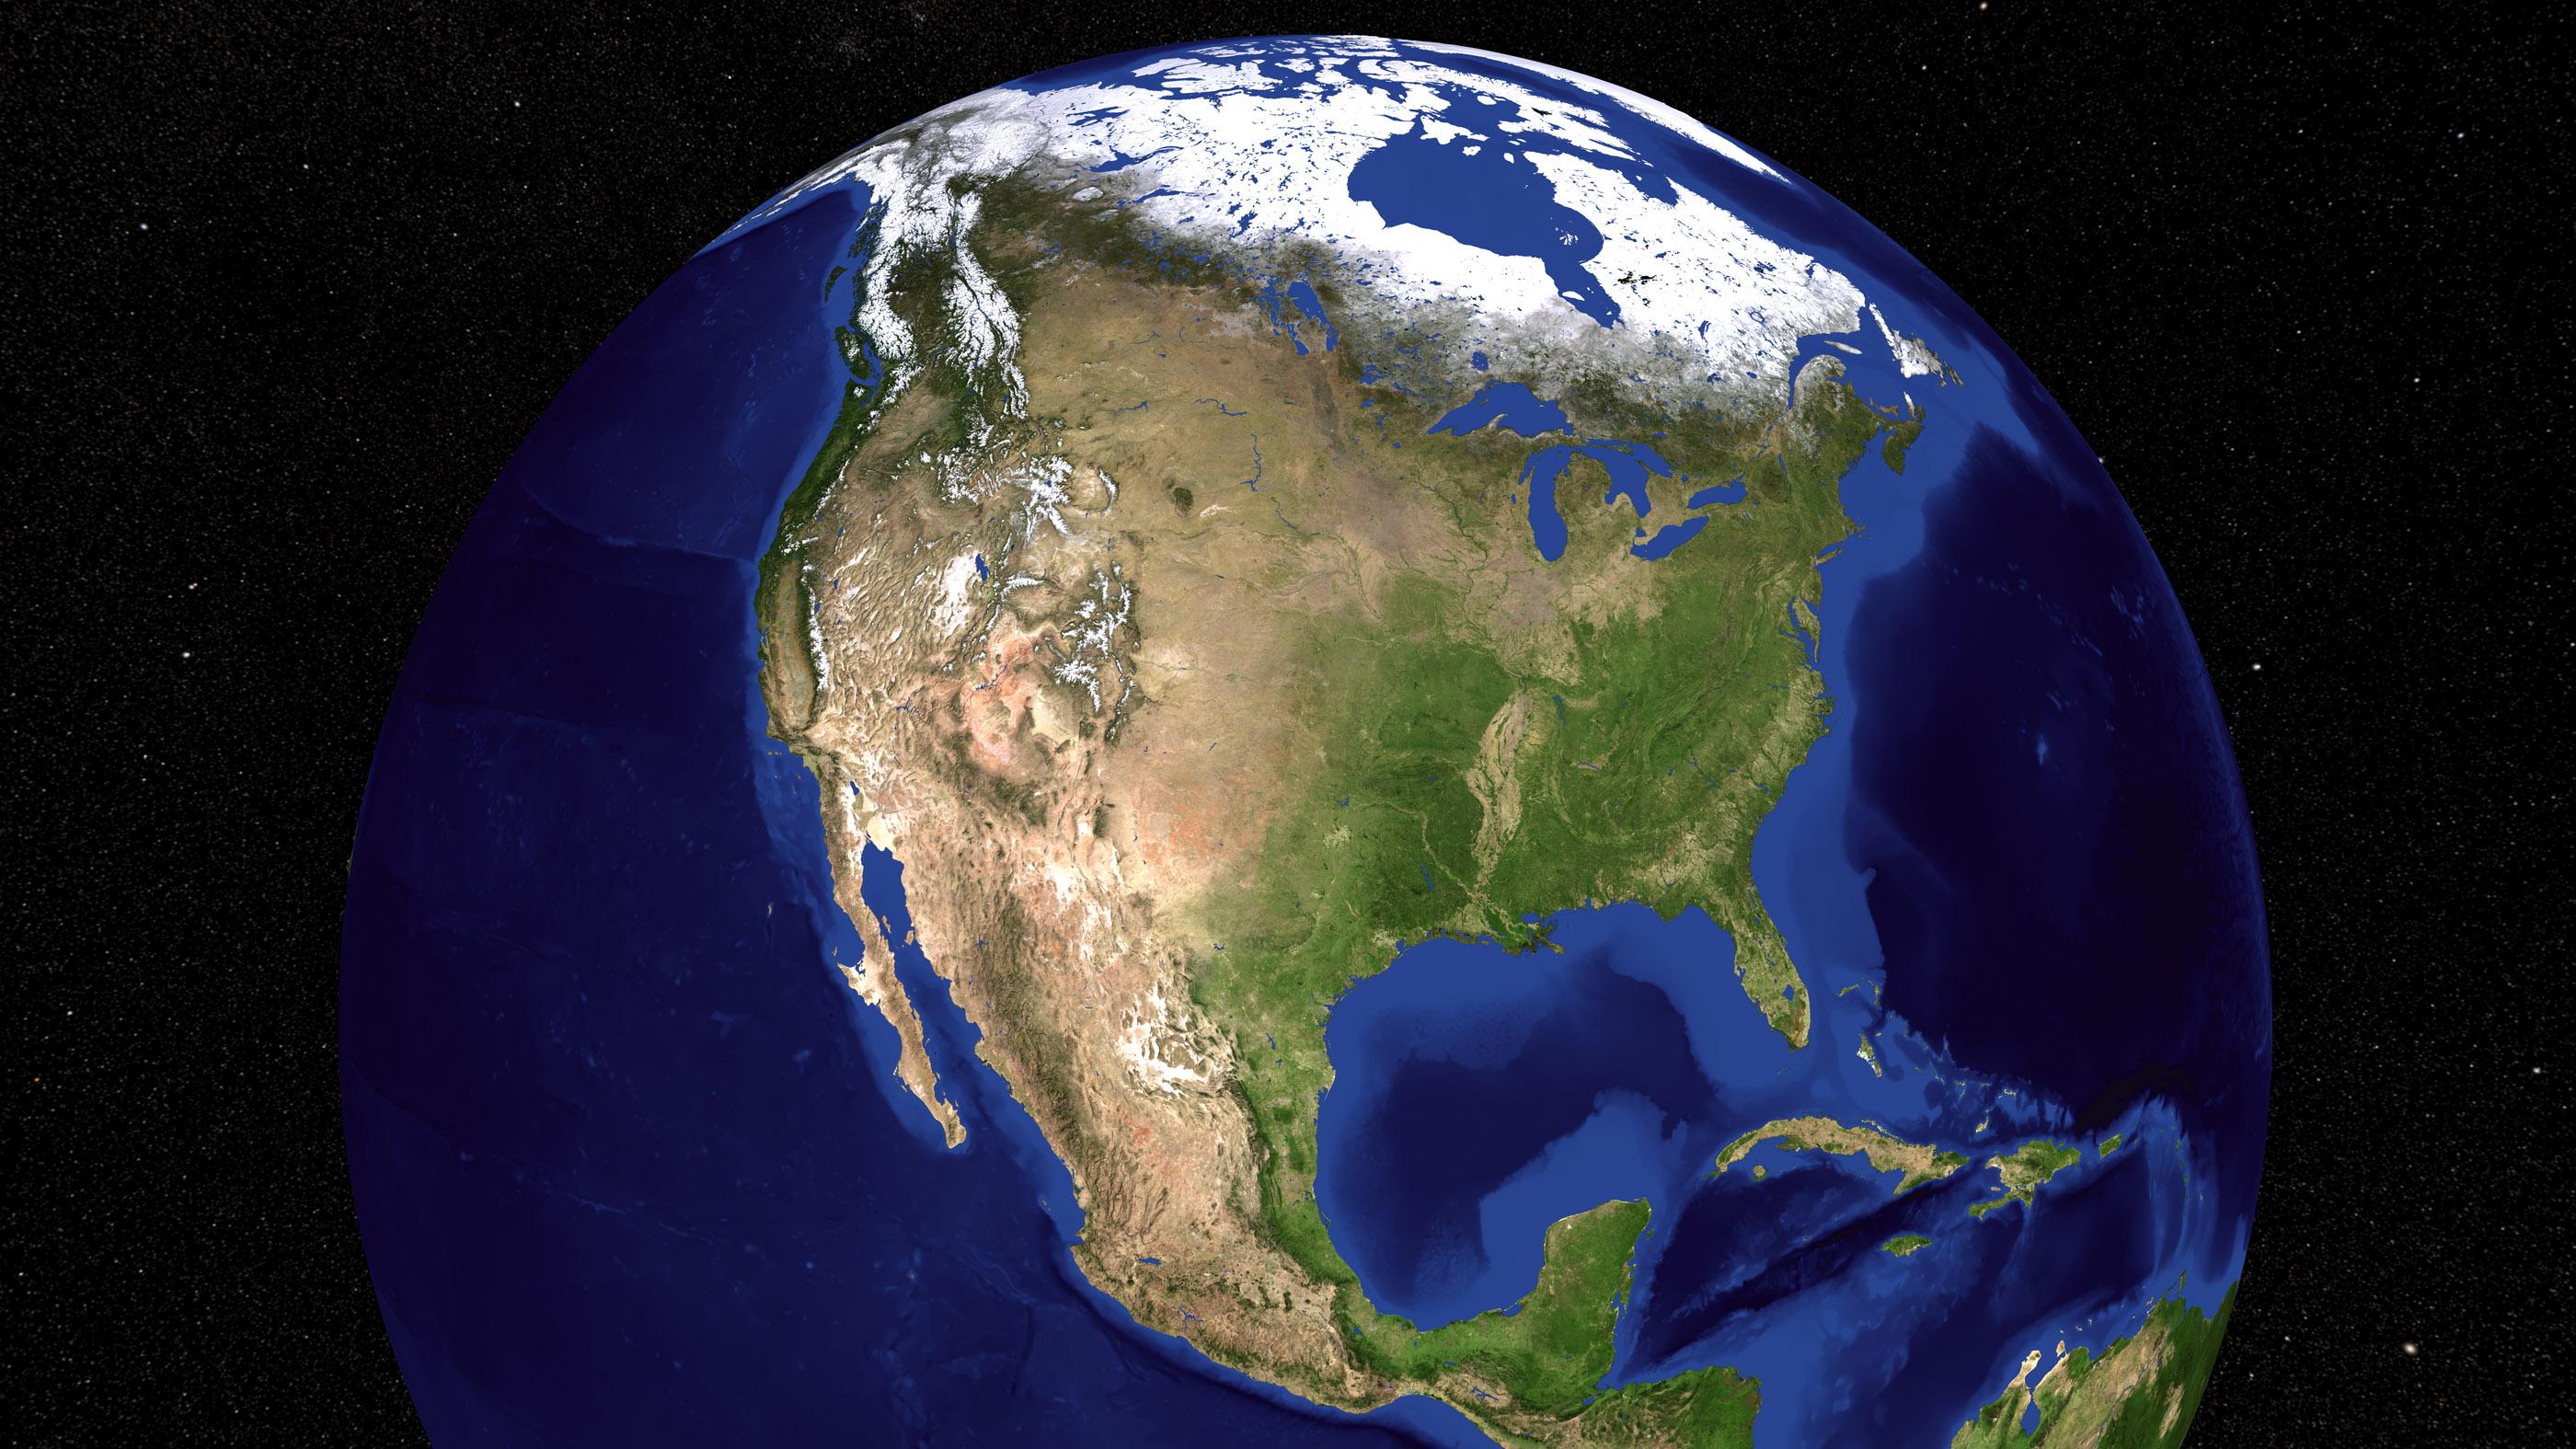 Terre de marbre bleu d'en haut.